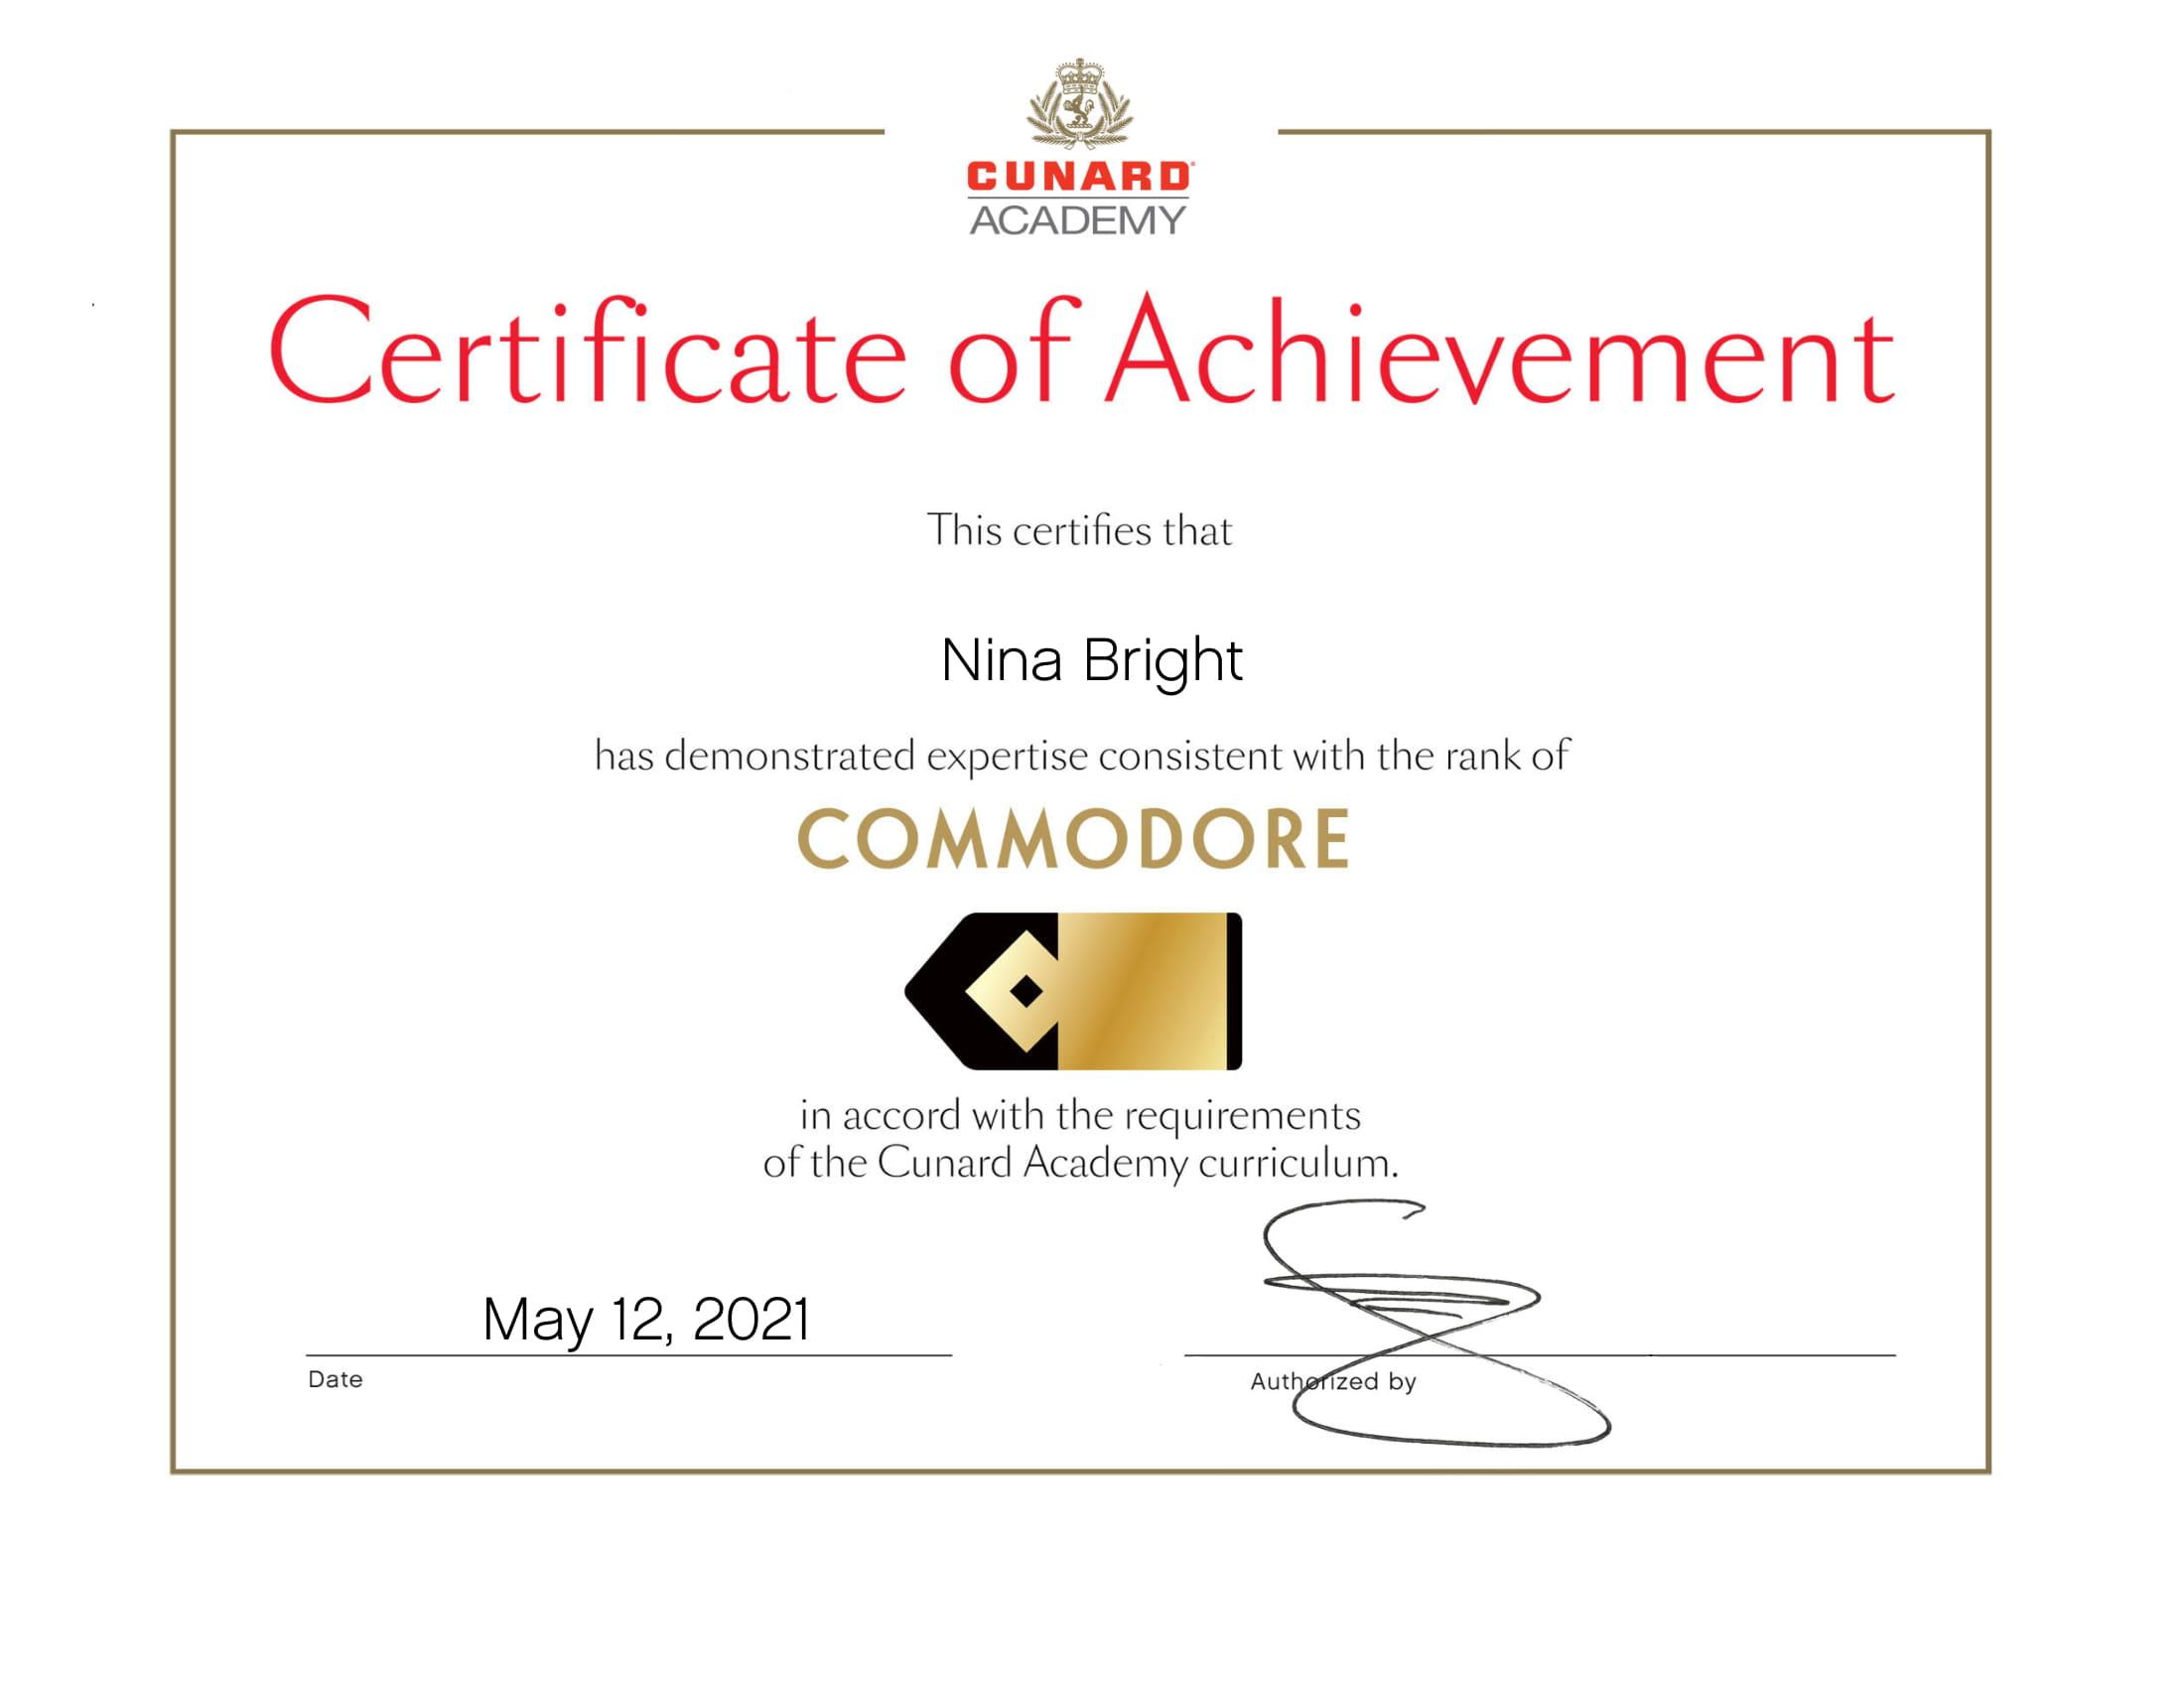 Cunard - Commodore Certificate of Achievement Certificate-1